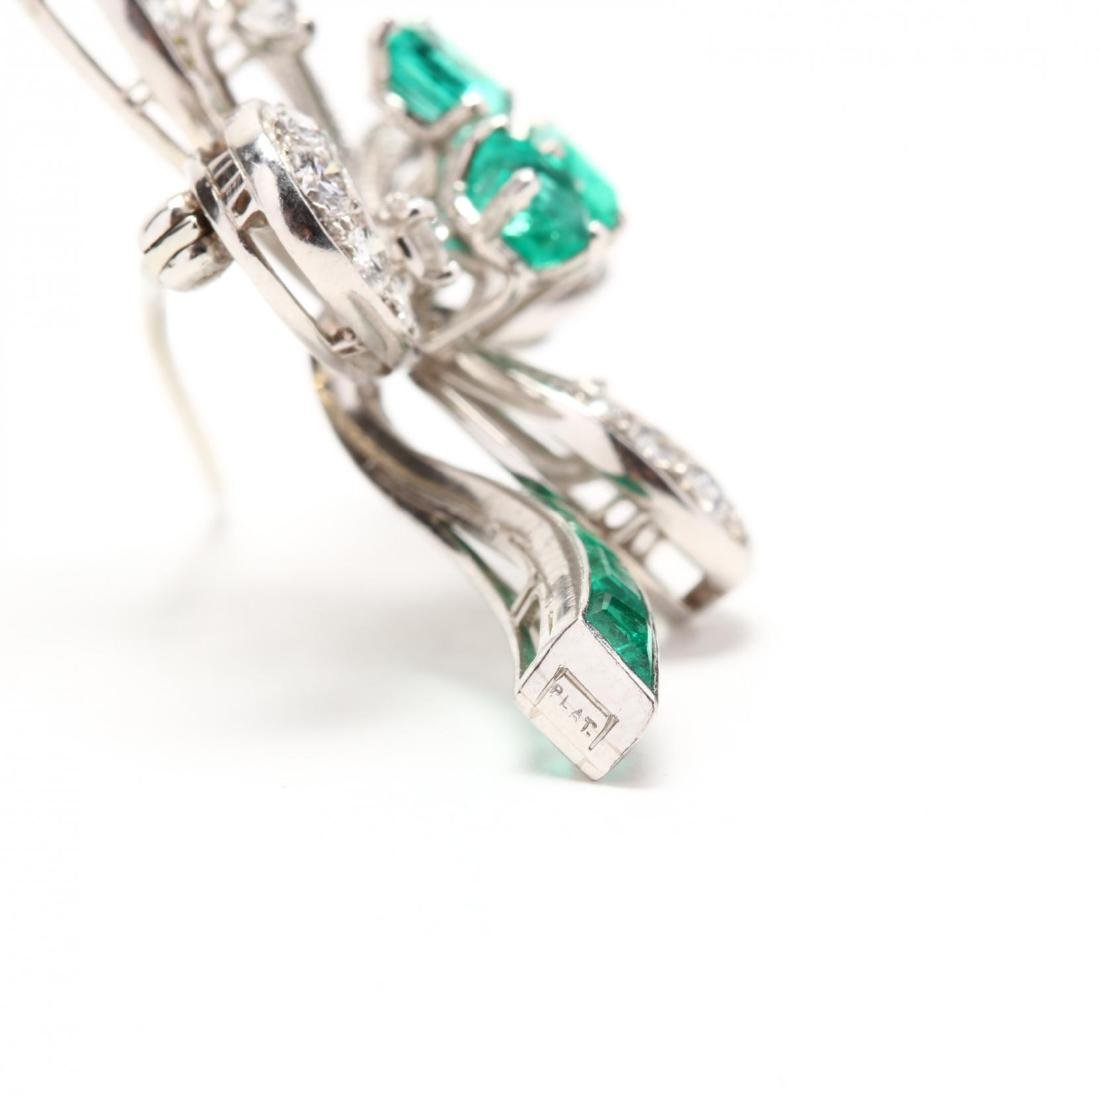 Platinum, Emerald, and Diamond Brooch - 3